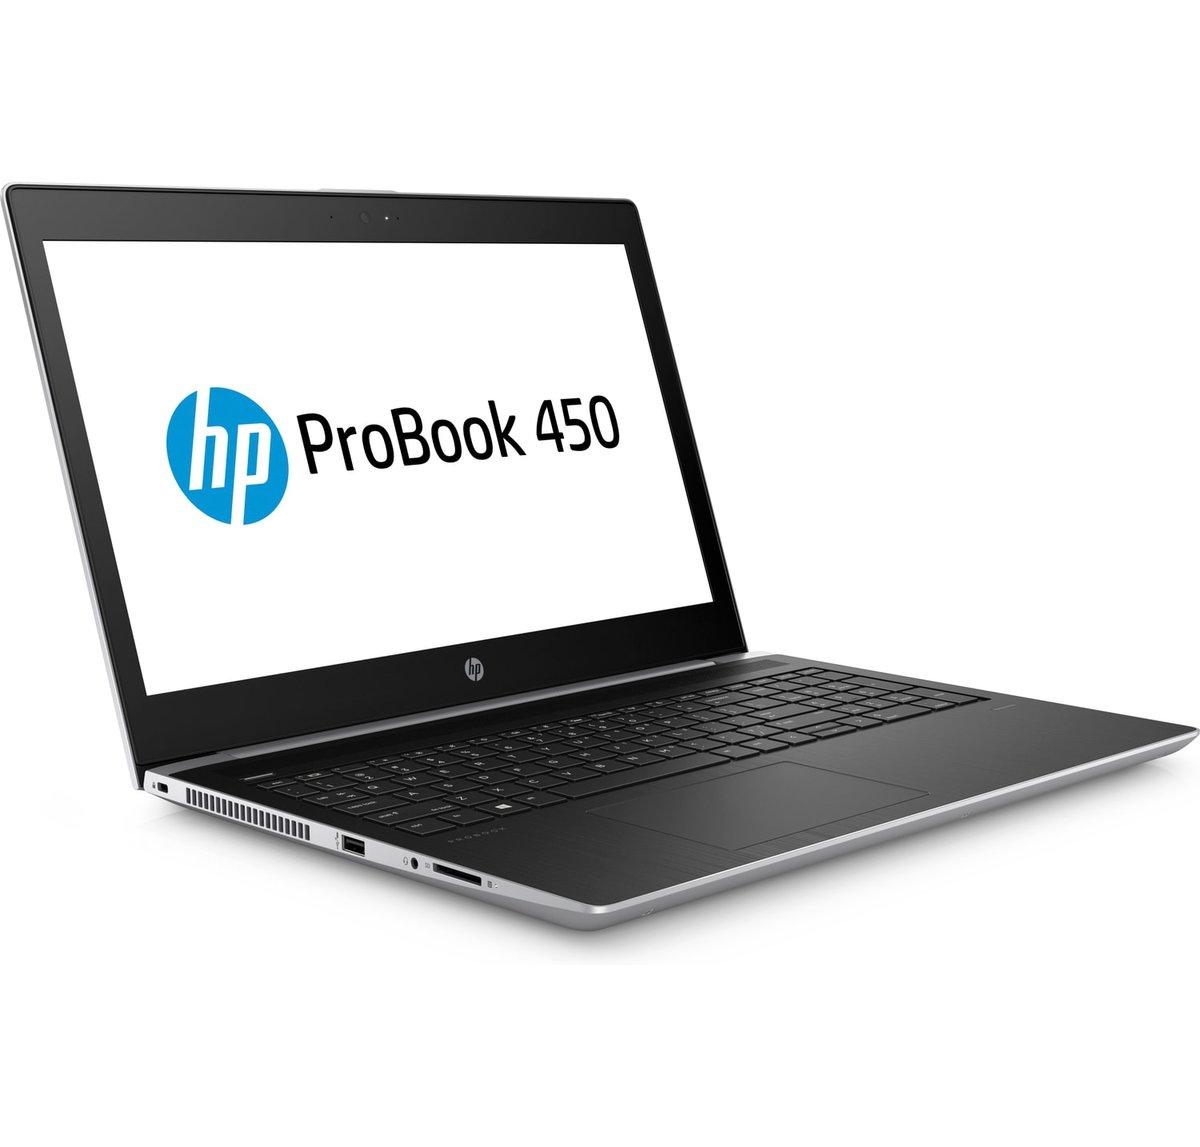 intel turbo boost download i7 6500u